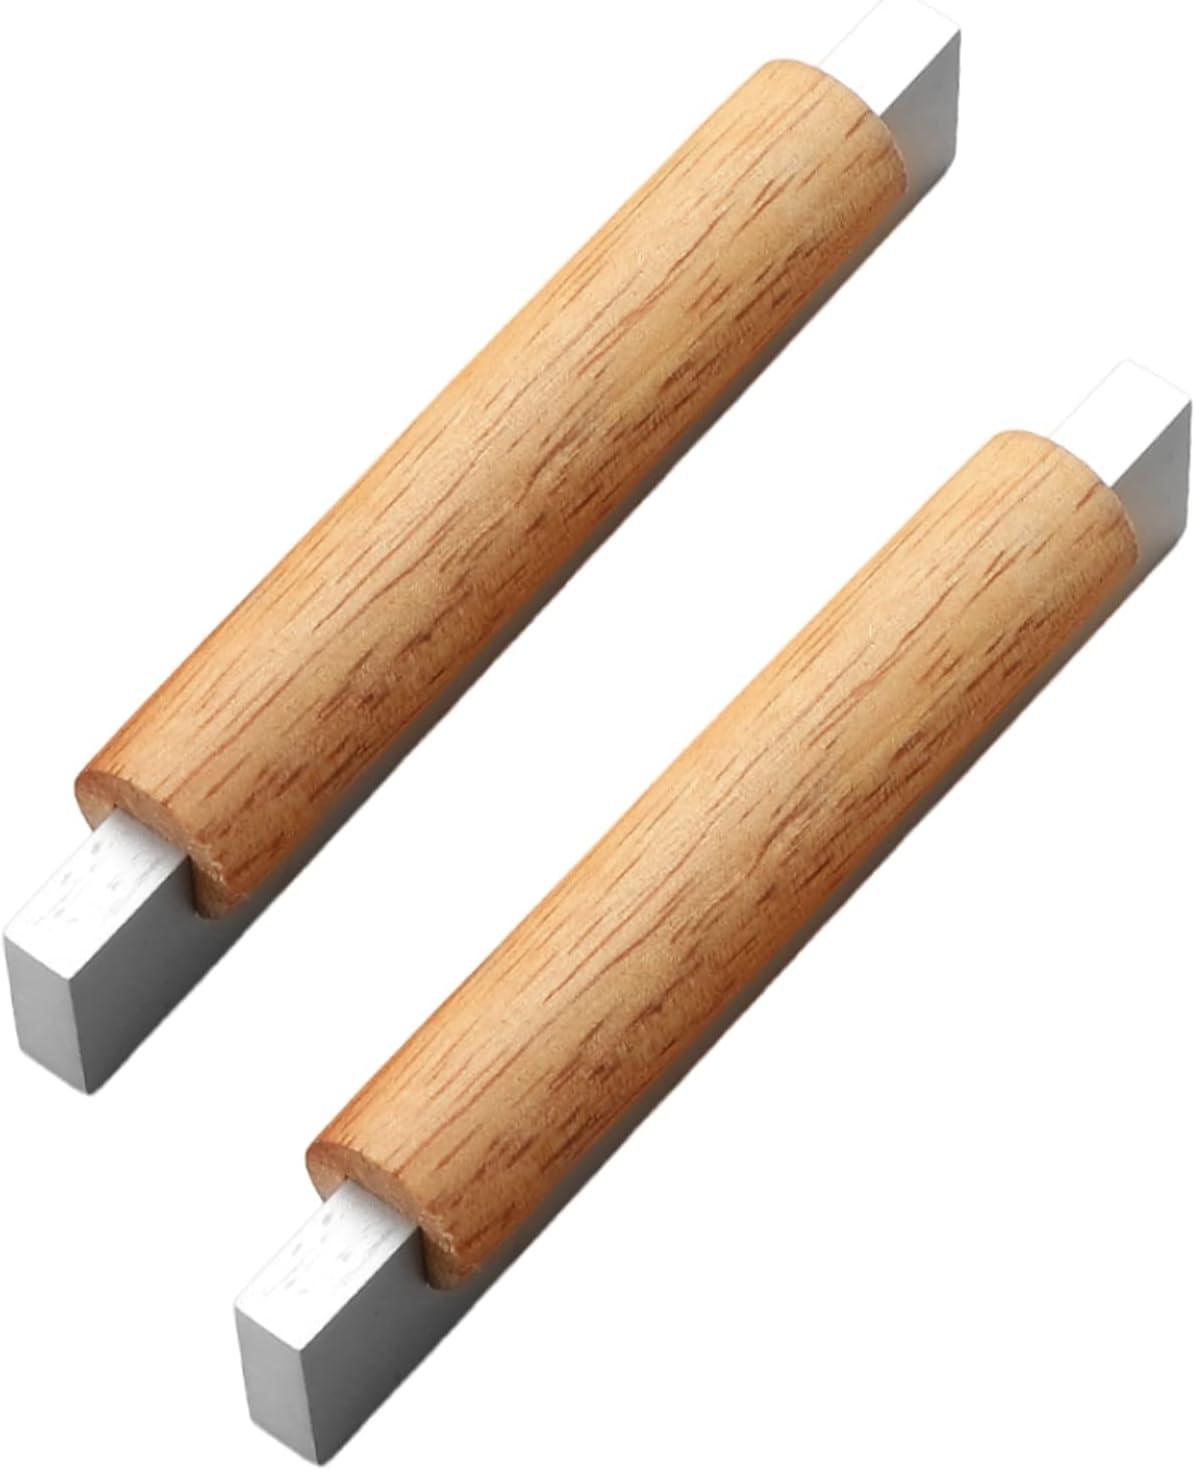 2 piezas Manijas de arco Retro Tiradores de madera maciza base de aleación de zinc maciza Perillas de gabinete Bisagras de cajón Perilla de Armario,guardarropas (Hole distance 160mm,Silver)